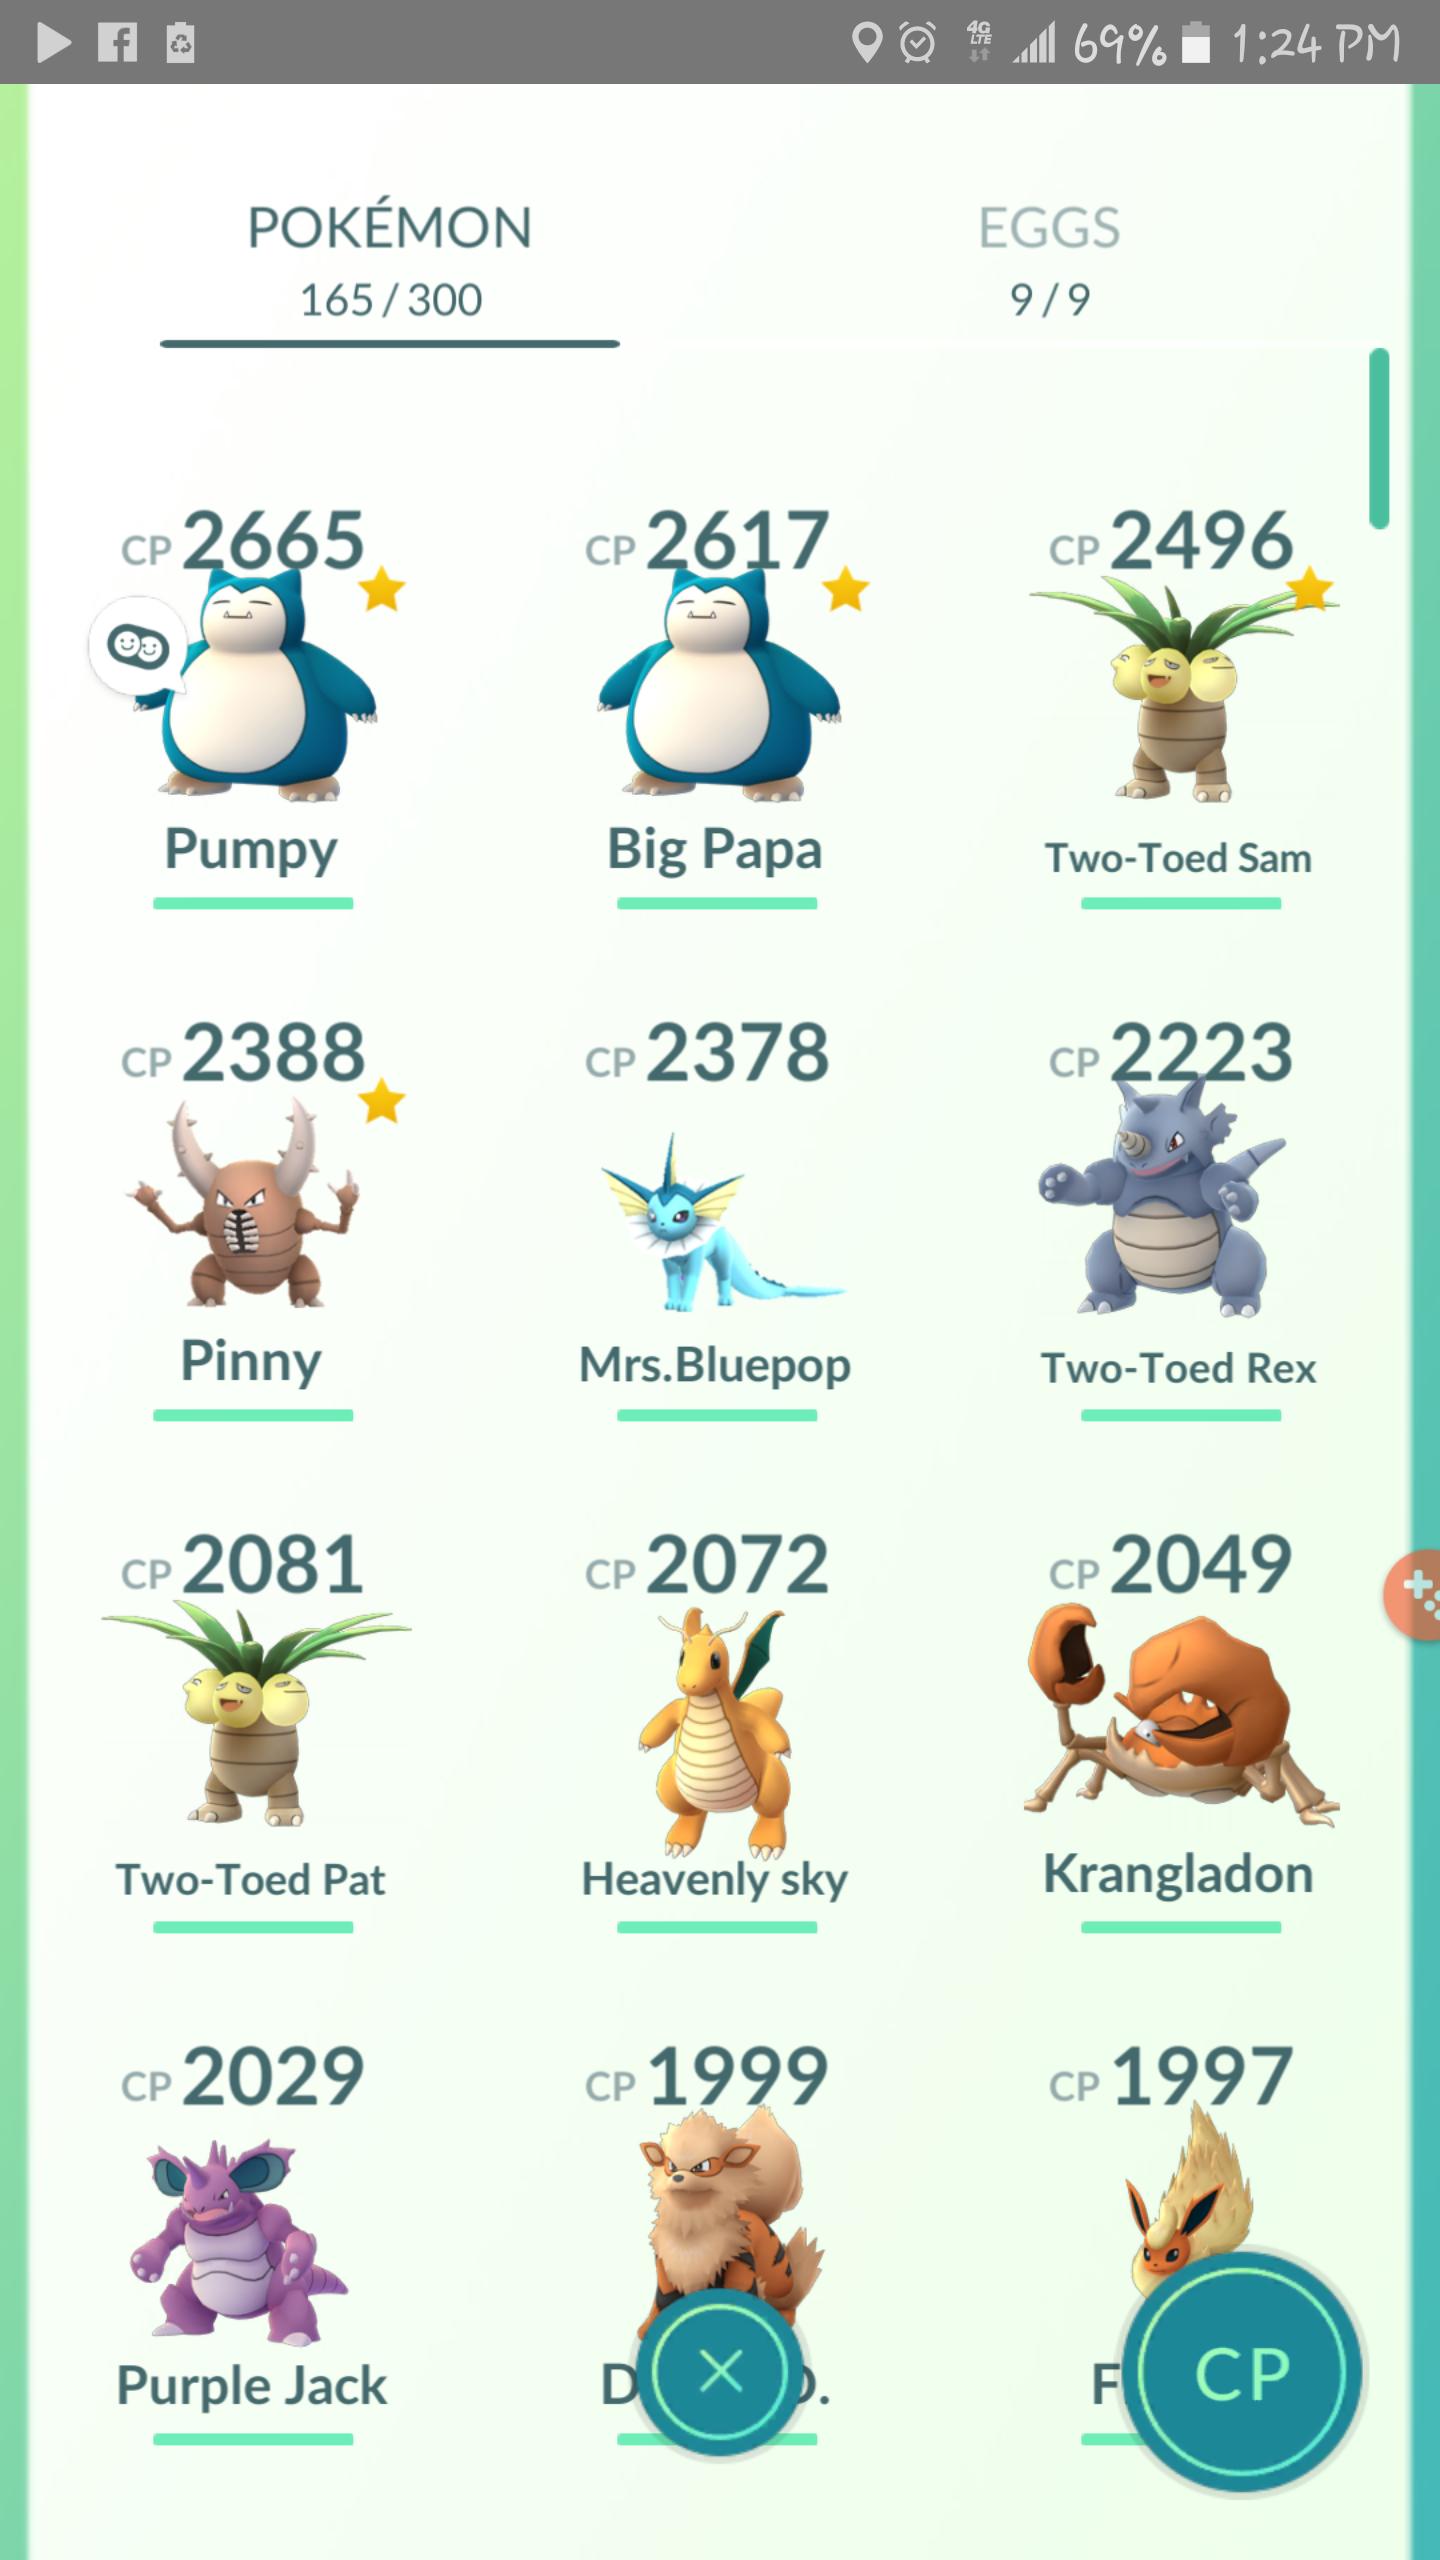 Naming your pokemon | Pokemon GO Wiki - GamePress